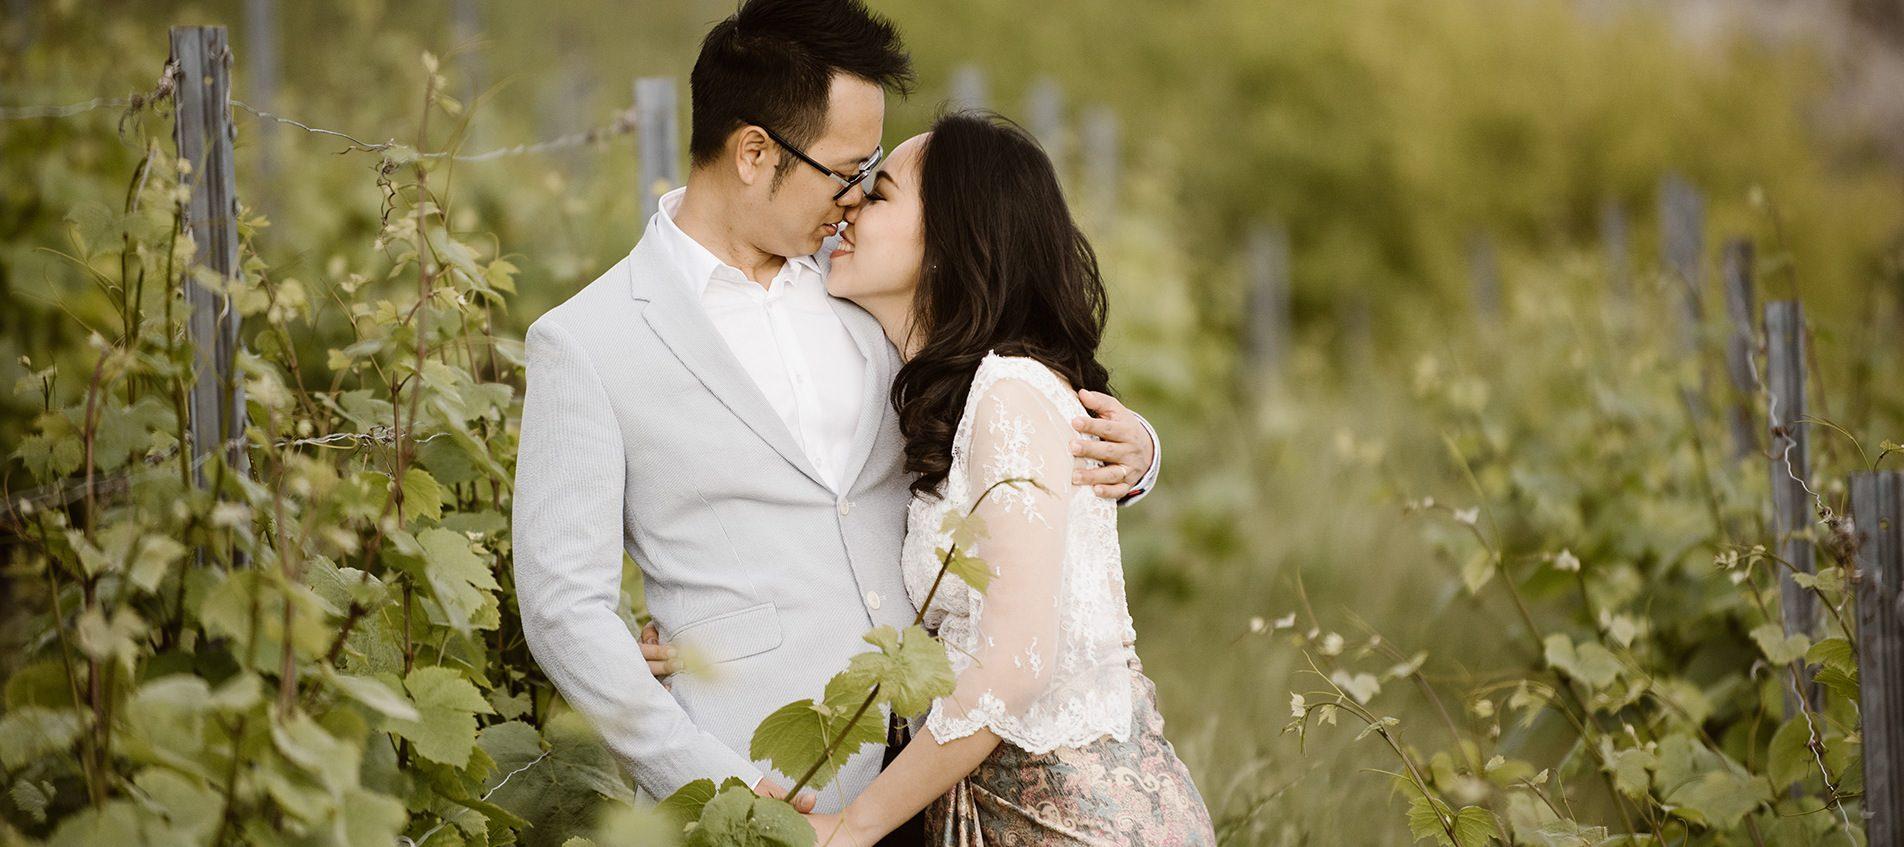 séance-engagement-saint-saphoron-lavaux-monika-breitenmoser-photographe-mariage-geneve-suisse